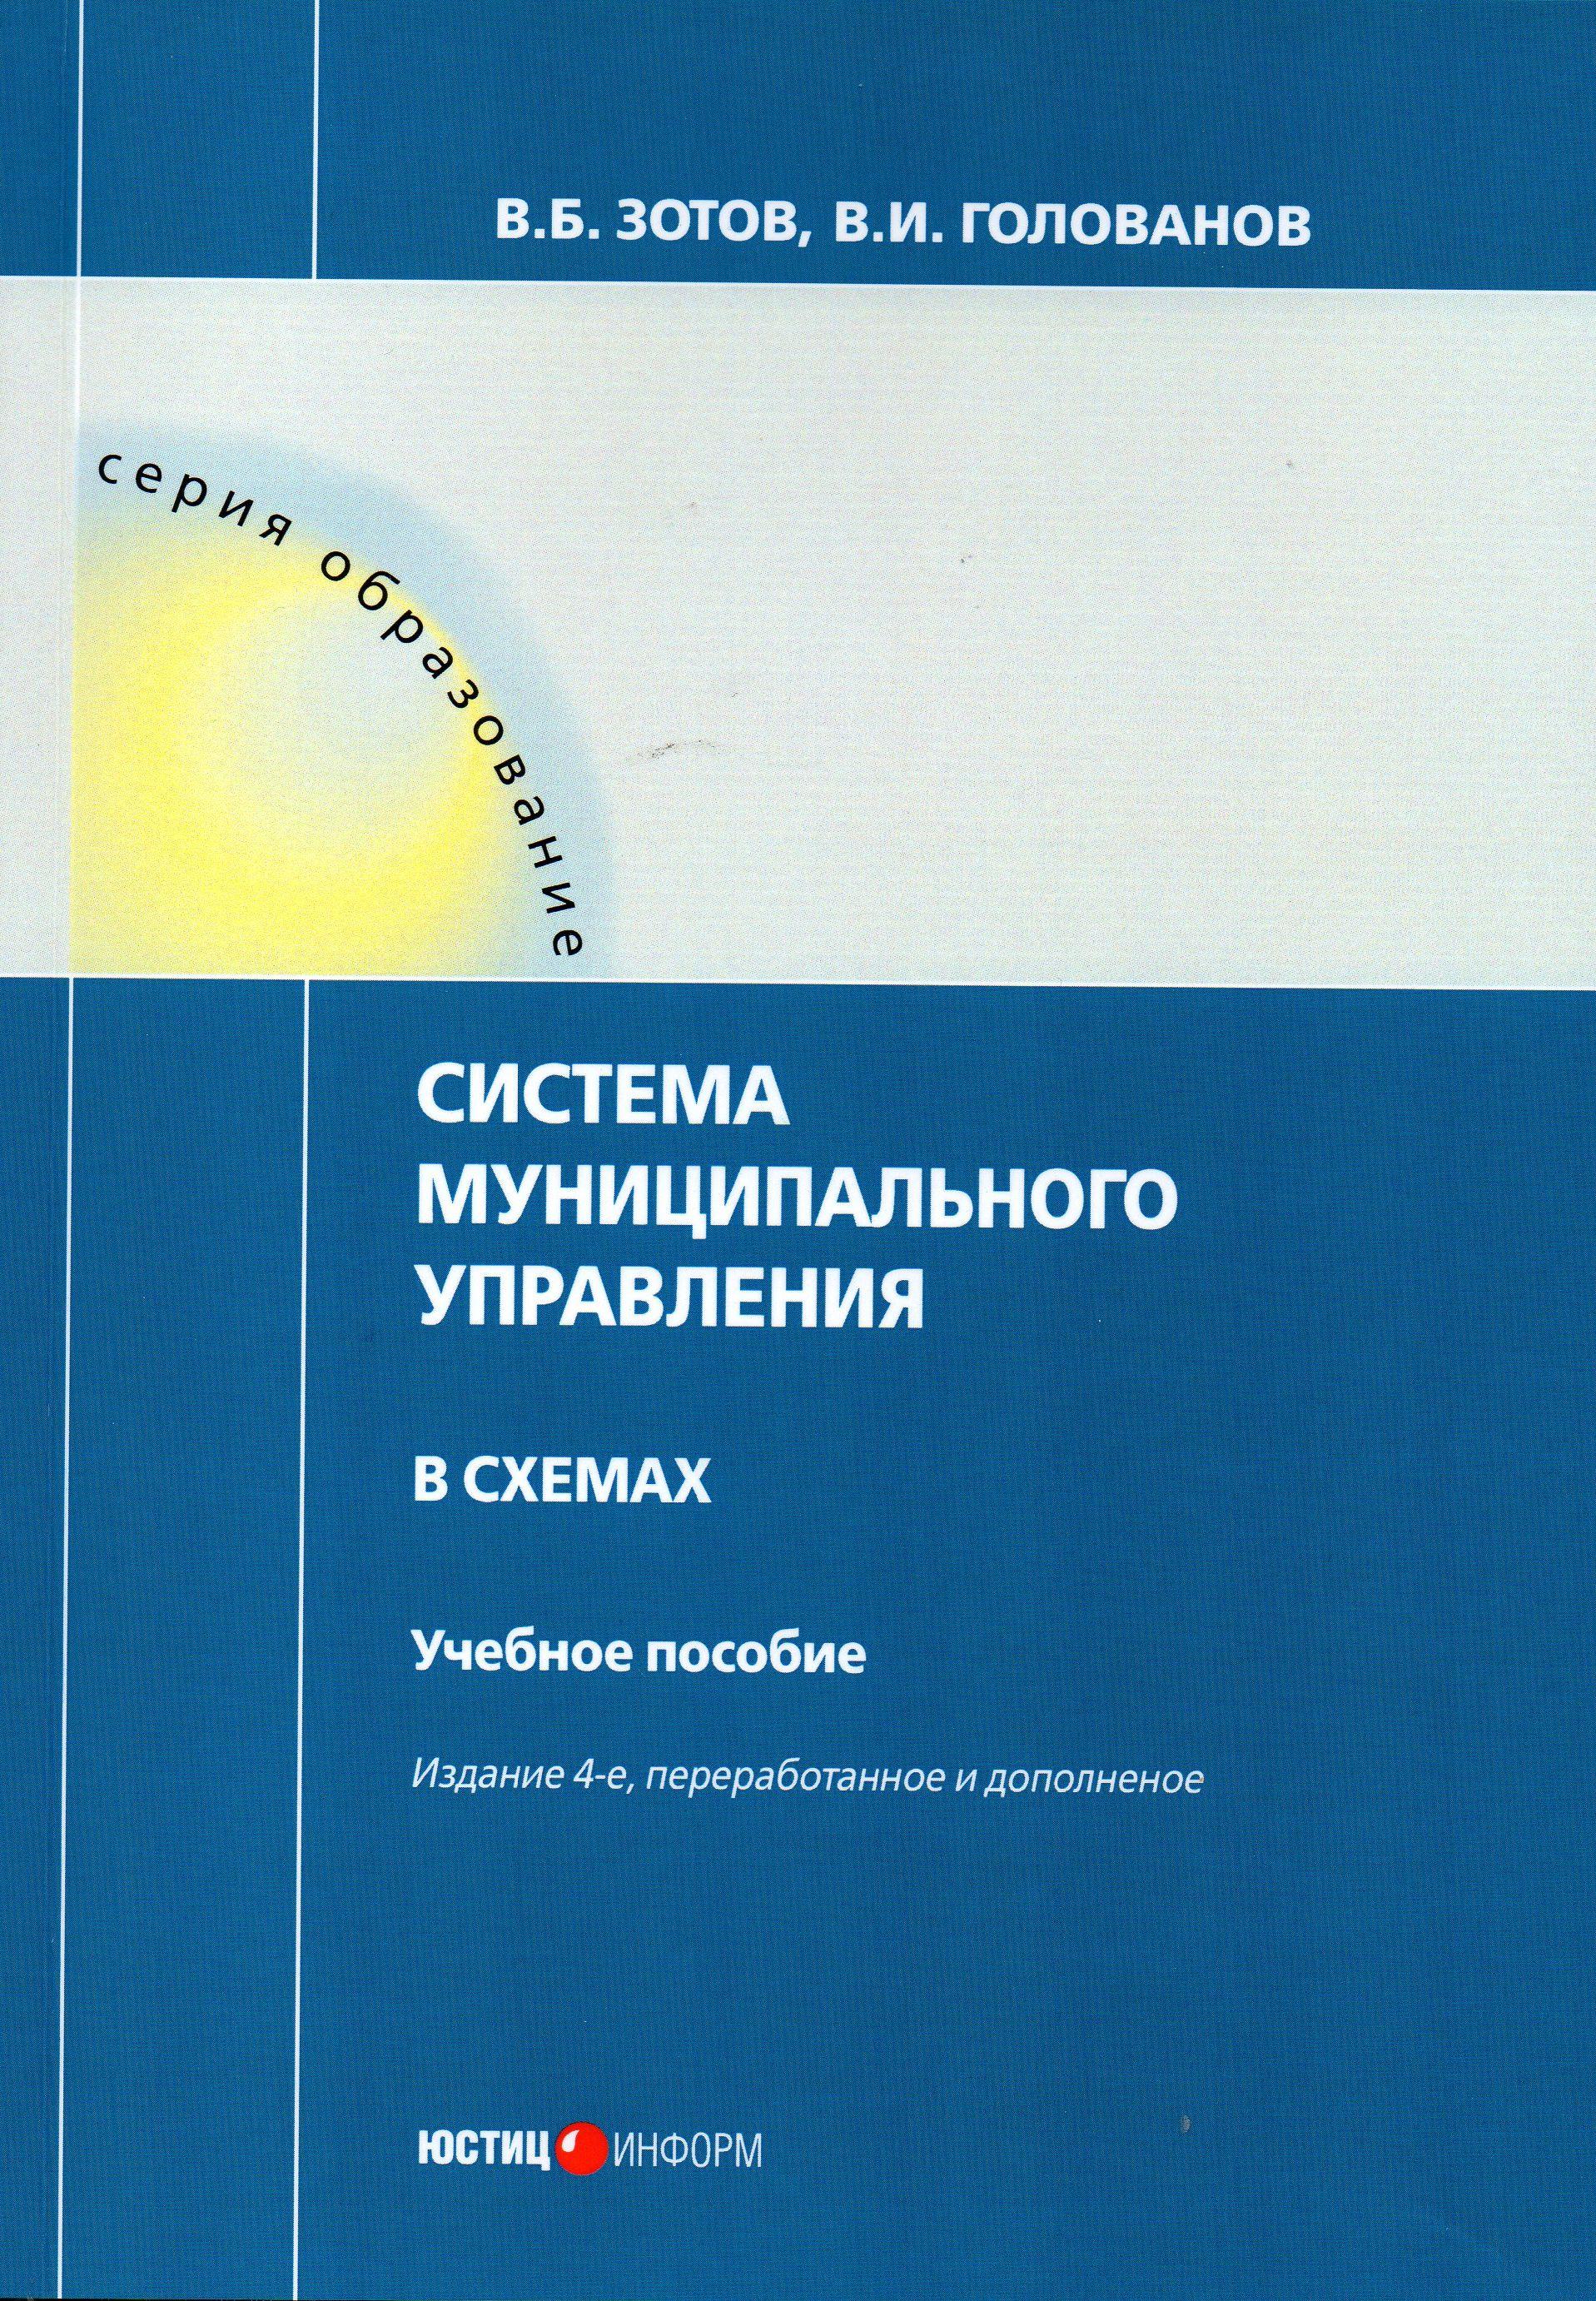 Система муниципального управления в схемах